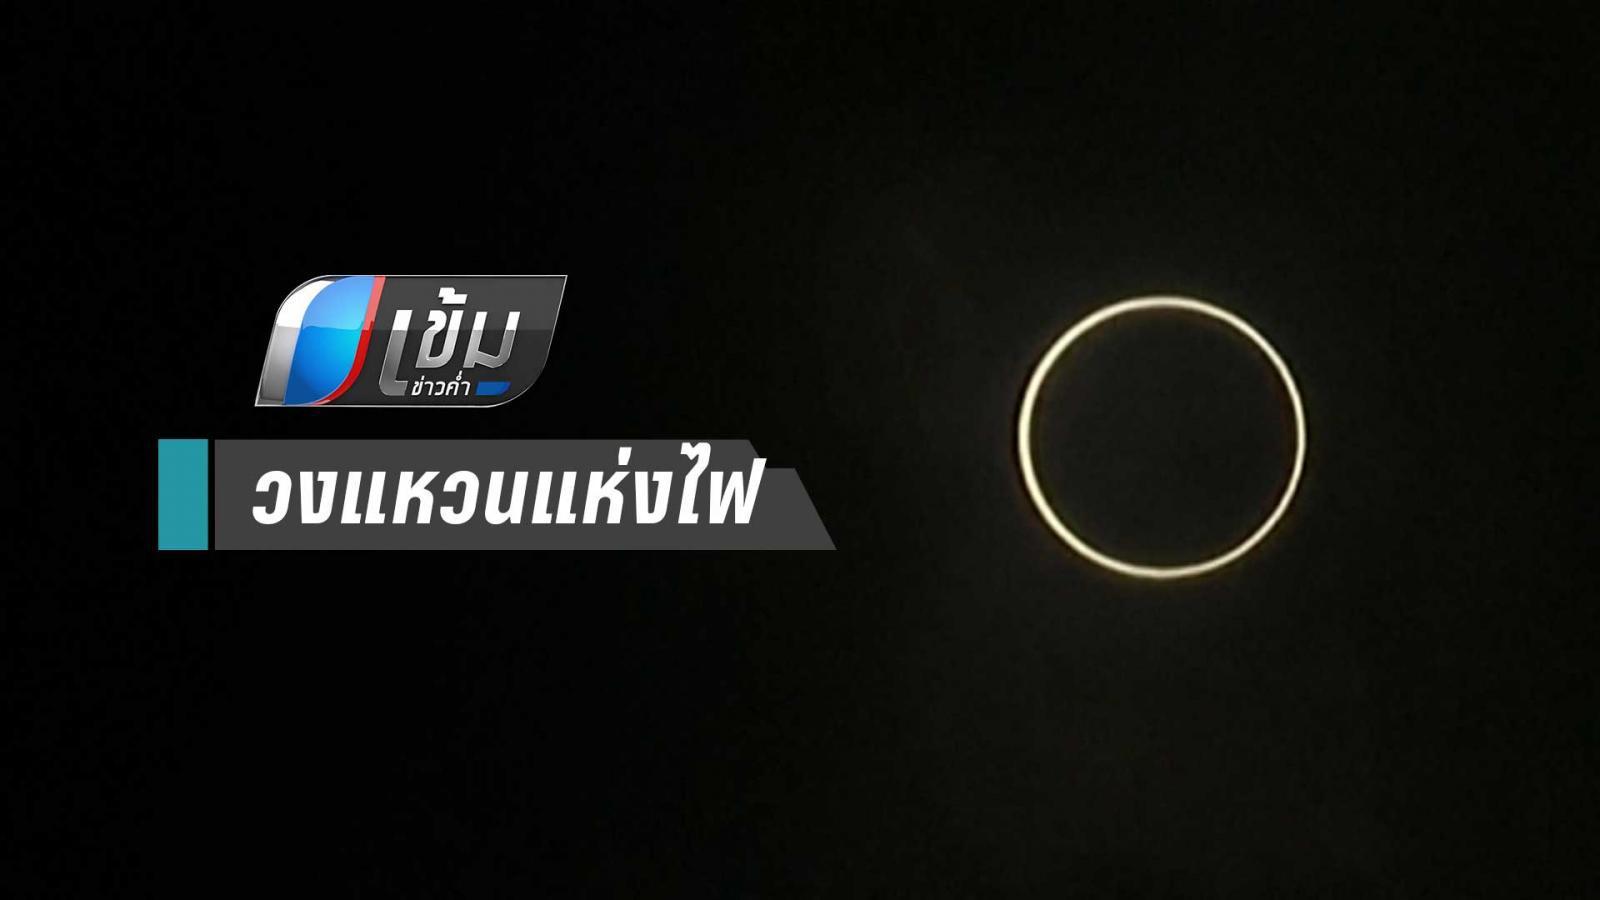 ชาวเอเชีย แห่ชมสุริยุปราคราวงแหวน